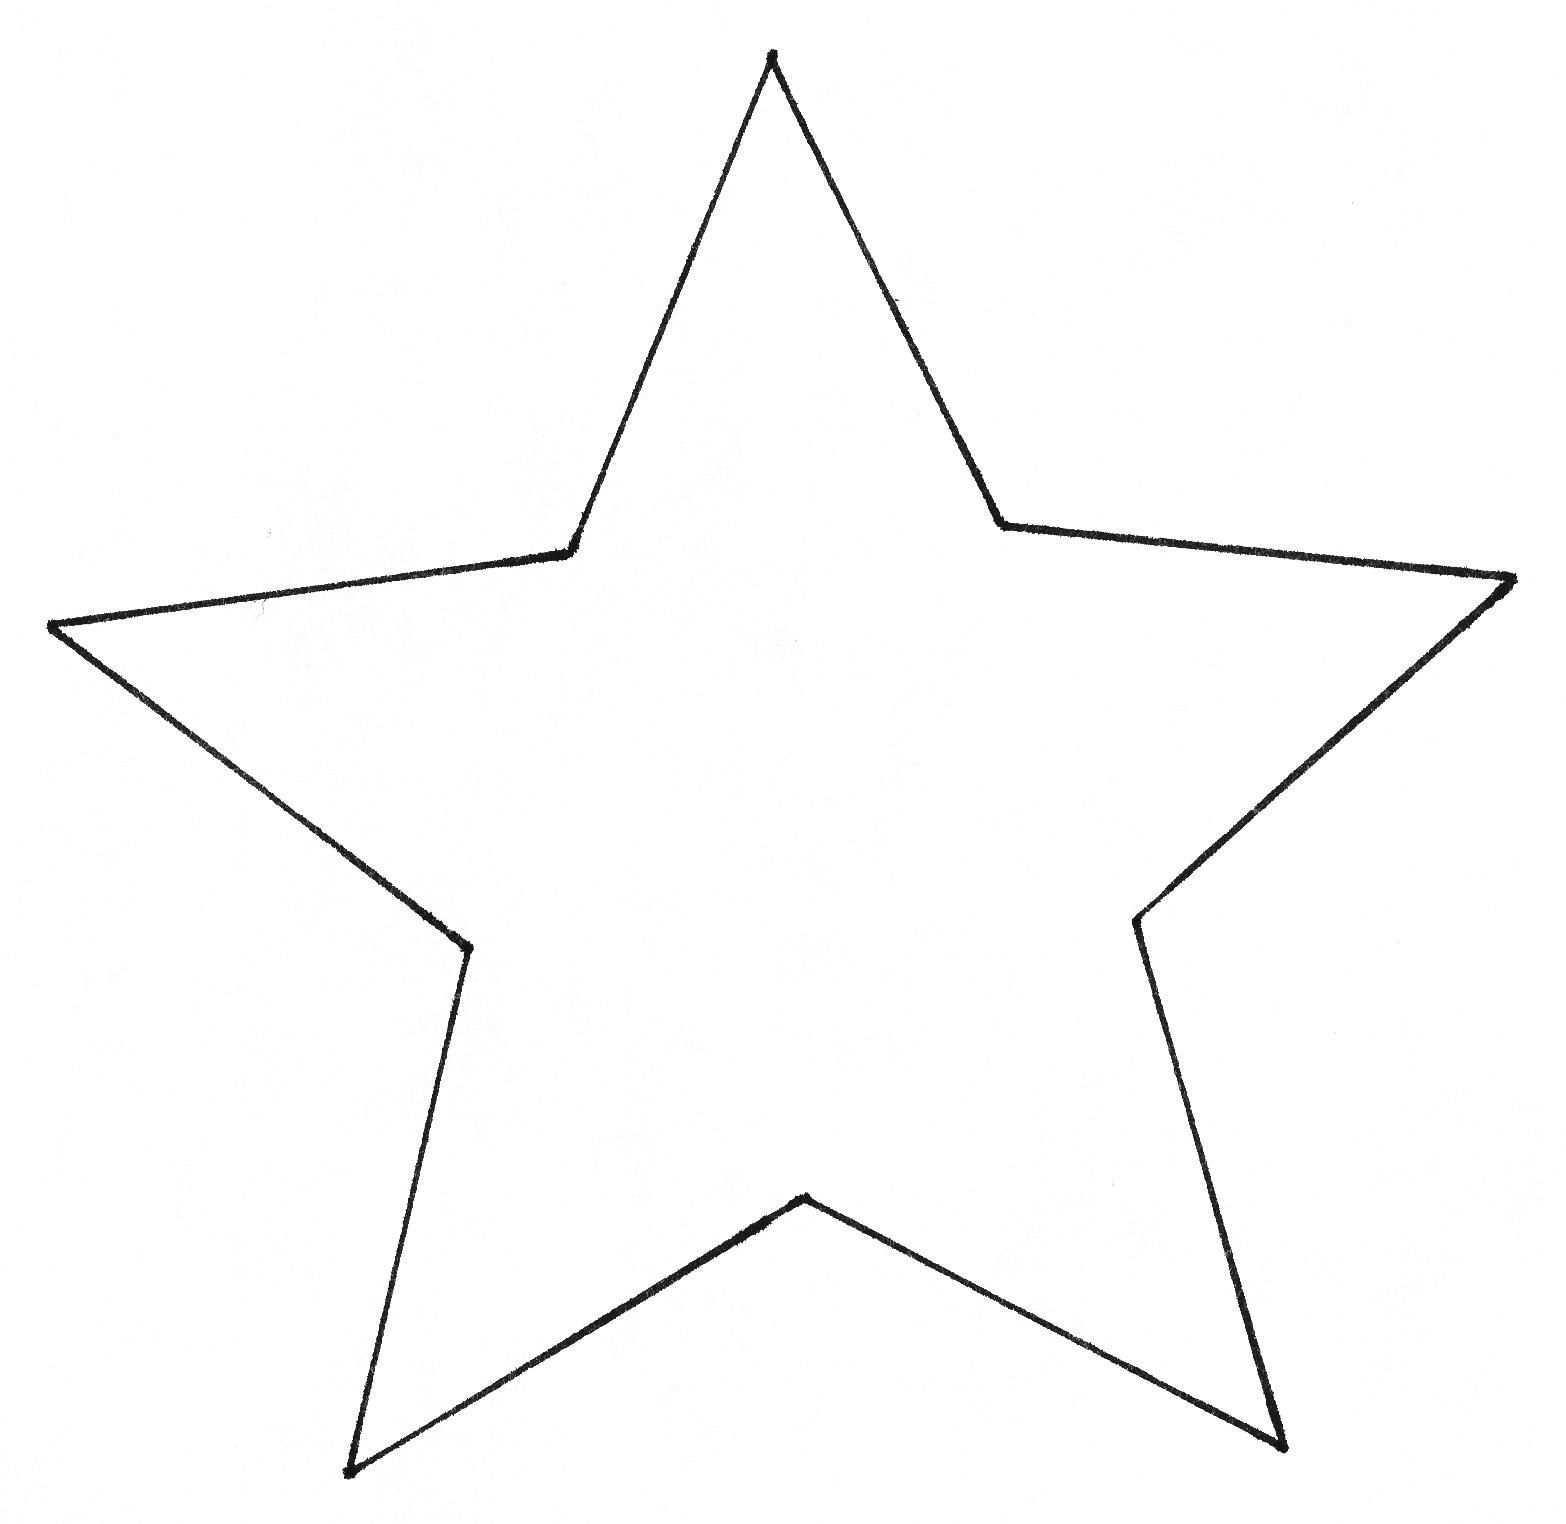 Malvorlage Weihnachtsstern Blume Malseite Druckbare Sterne Zum Ausdrucken Stern Schablone Vorlage Stern